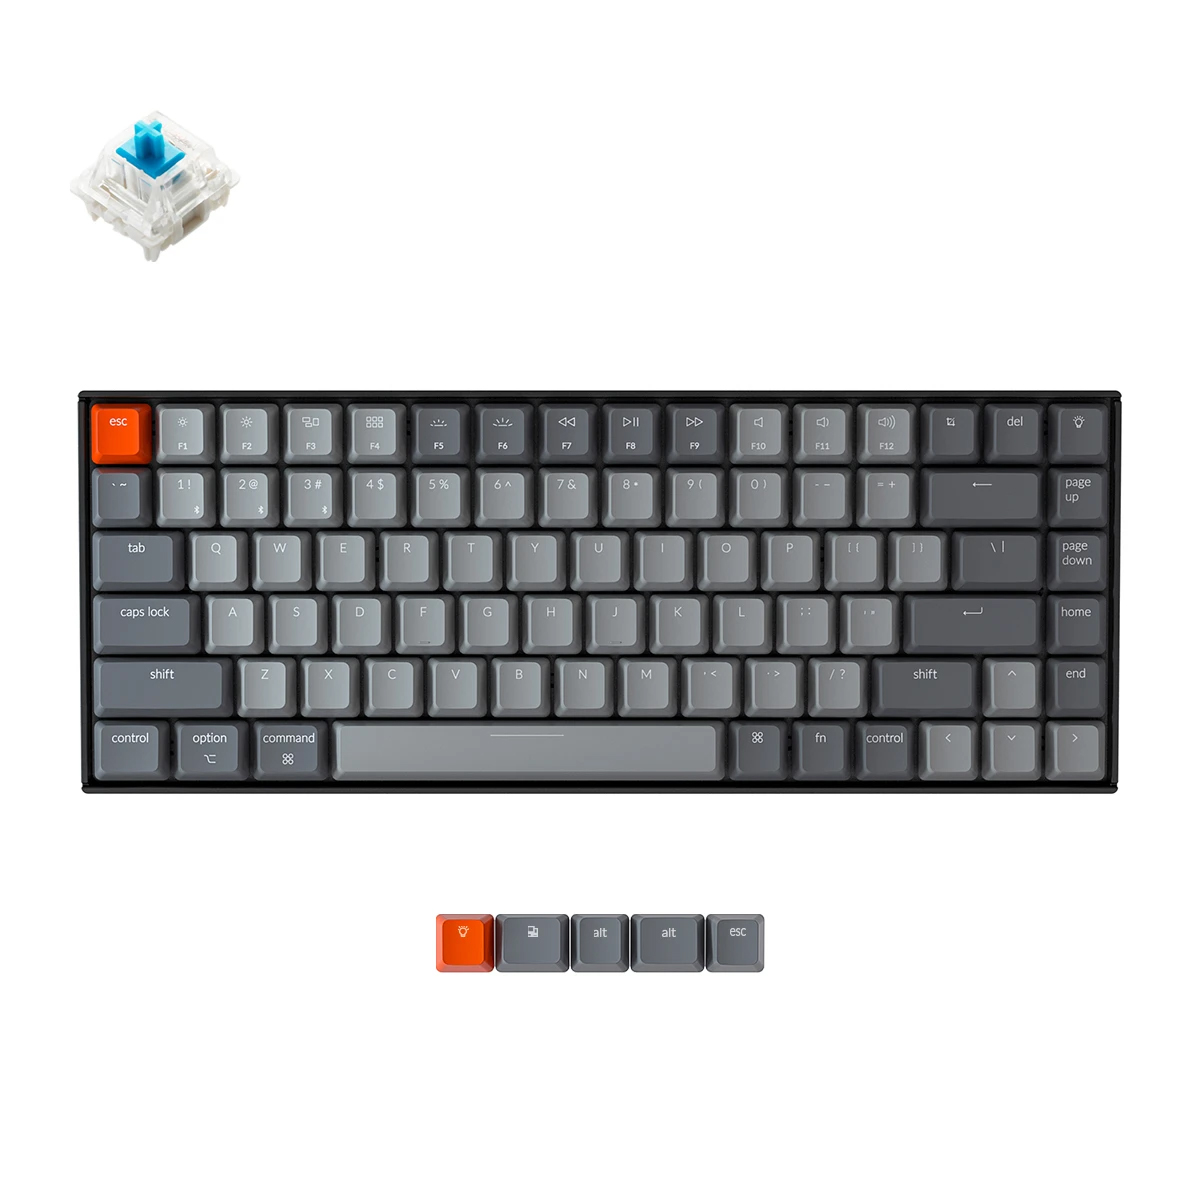 Bàn phím cơ Keychron K2 (Version 2)-Bluetooth Cho Văn Phòng Và Gaming, Hỗ Trợ Kết Nối 3 Thiết Bị Đa Hệ Điều Hành Mac/Win/iOS/Andriod - Switch Gateron Cơ - Có Đèn Nền - Pin Sạc 4000mAh - Hàng Chính Hãng